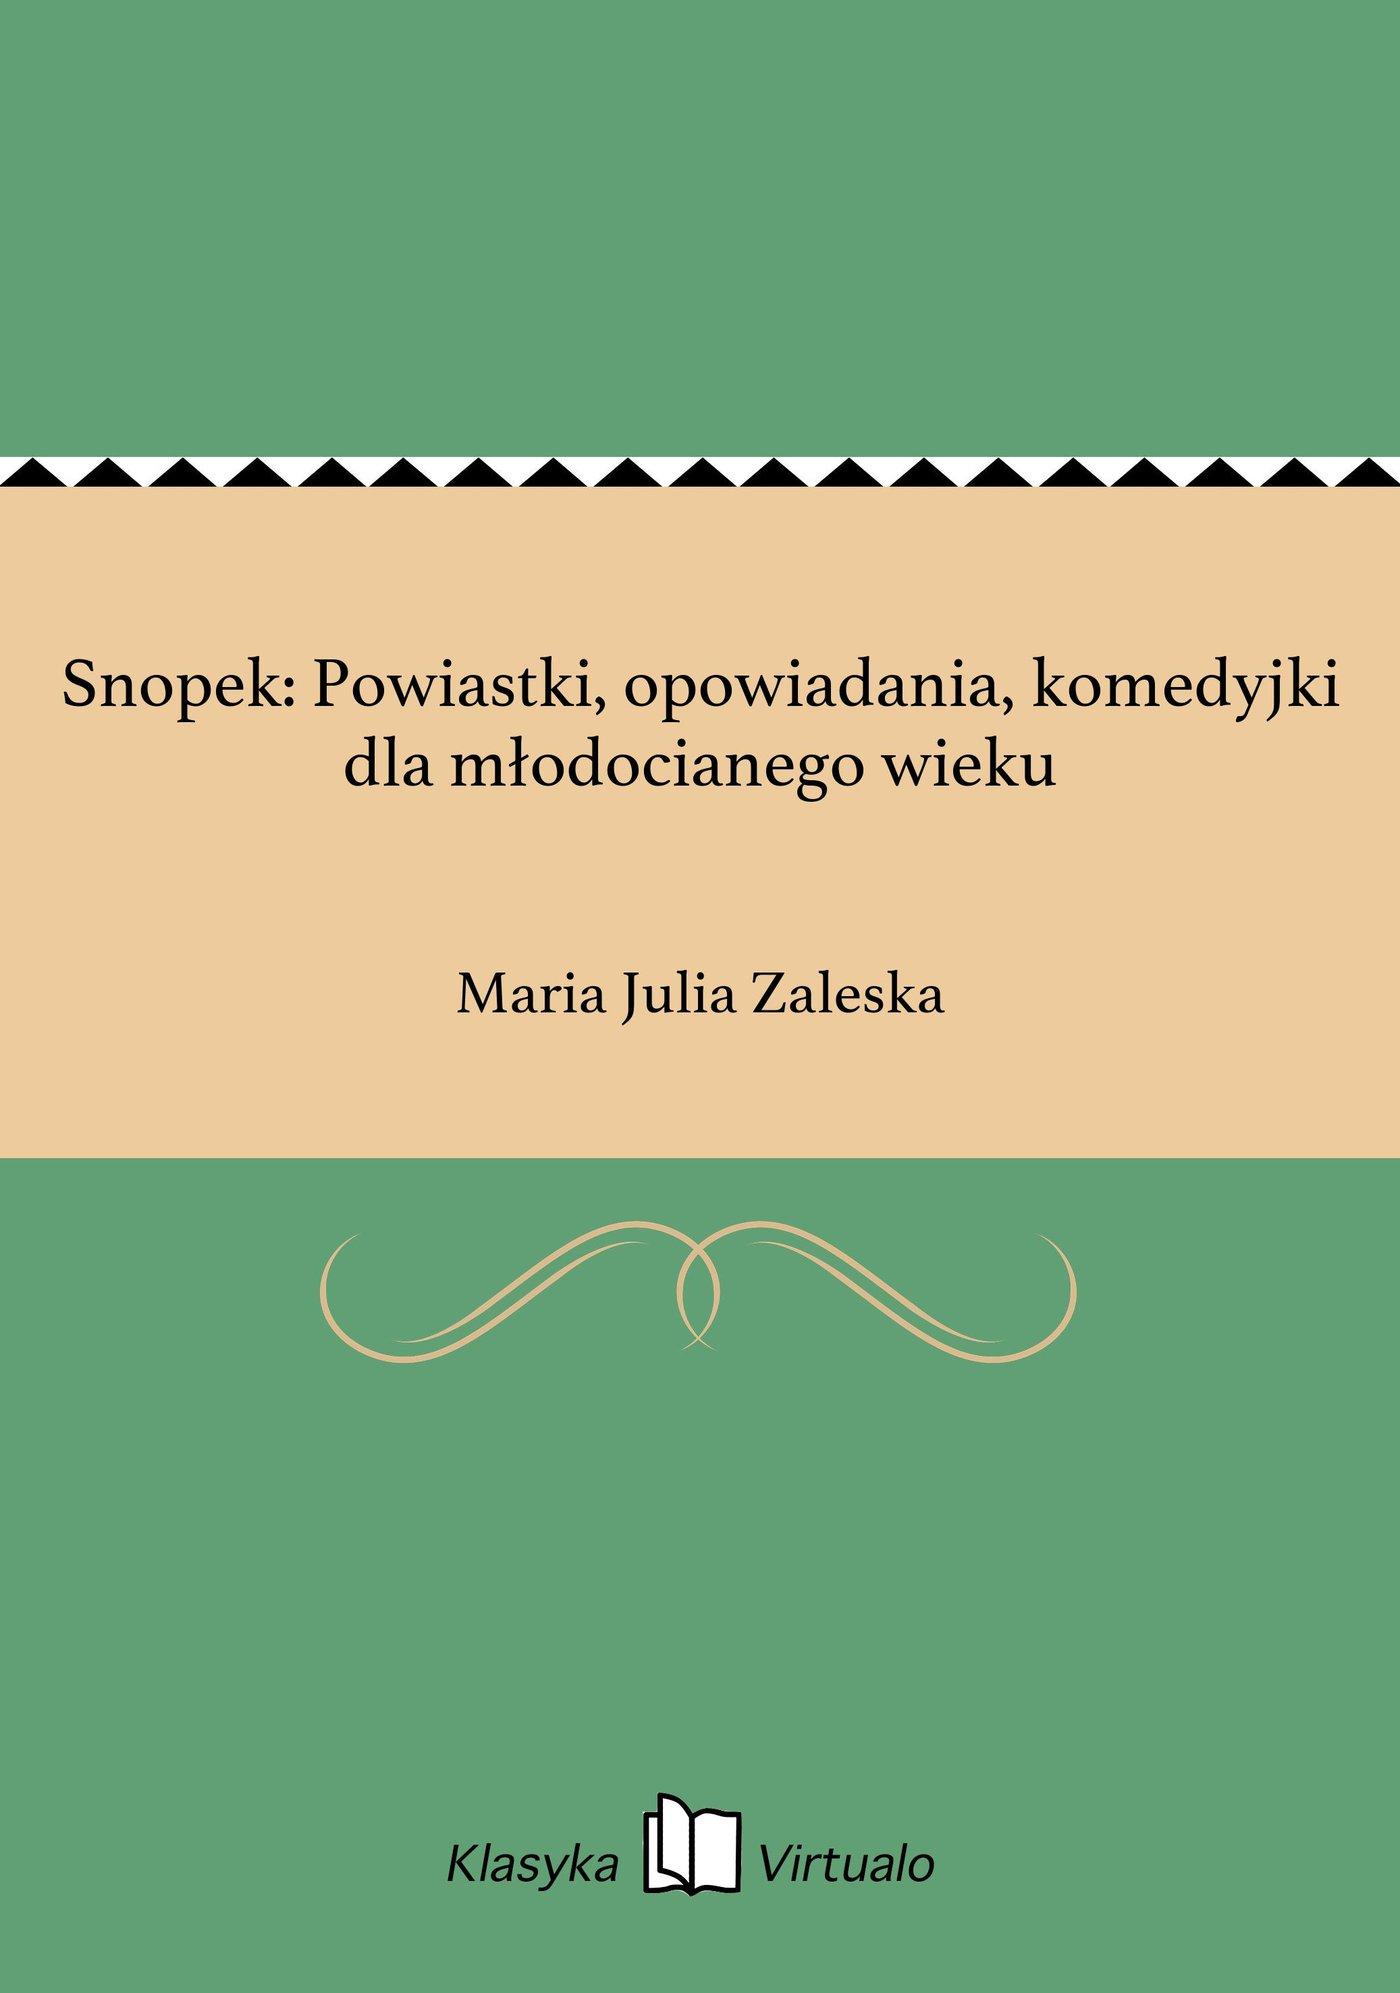 Snopek: Powiastki, opowiadania, komedyjki dla młodocianego wieku - Ebook (Książka EPUB) do pobrania w formacie EPUB